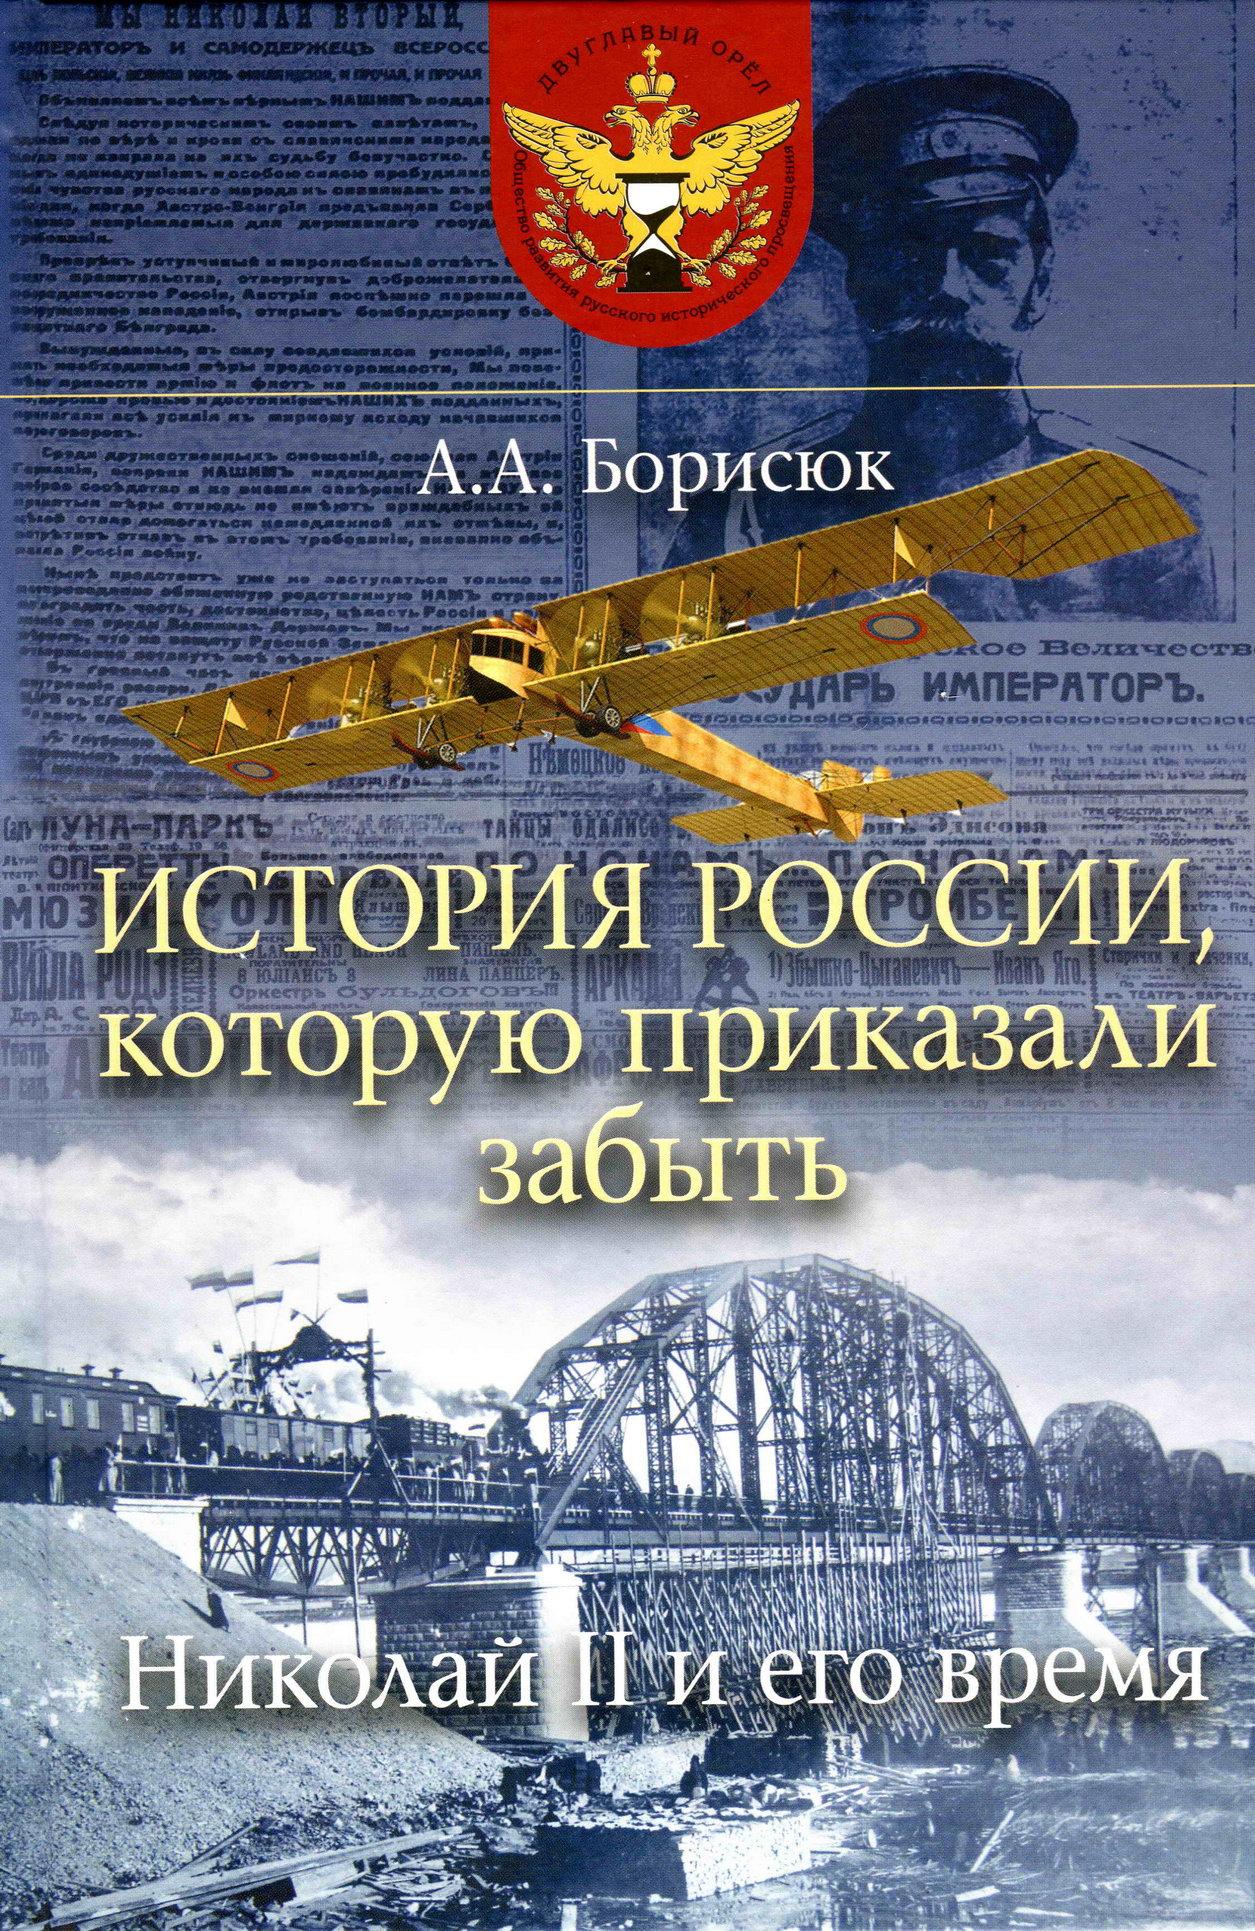 15 niz K Ryabtsevu001